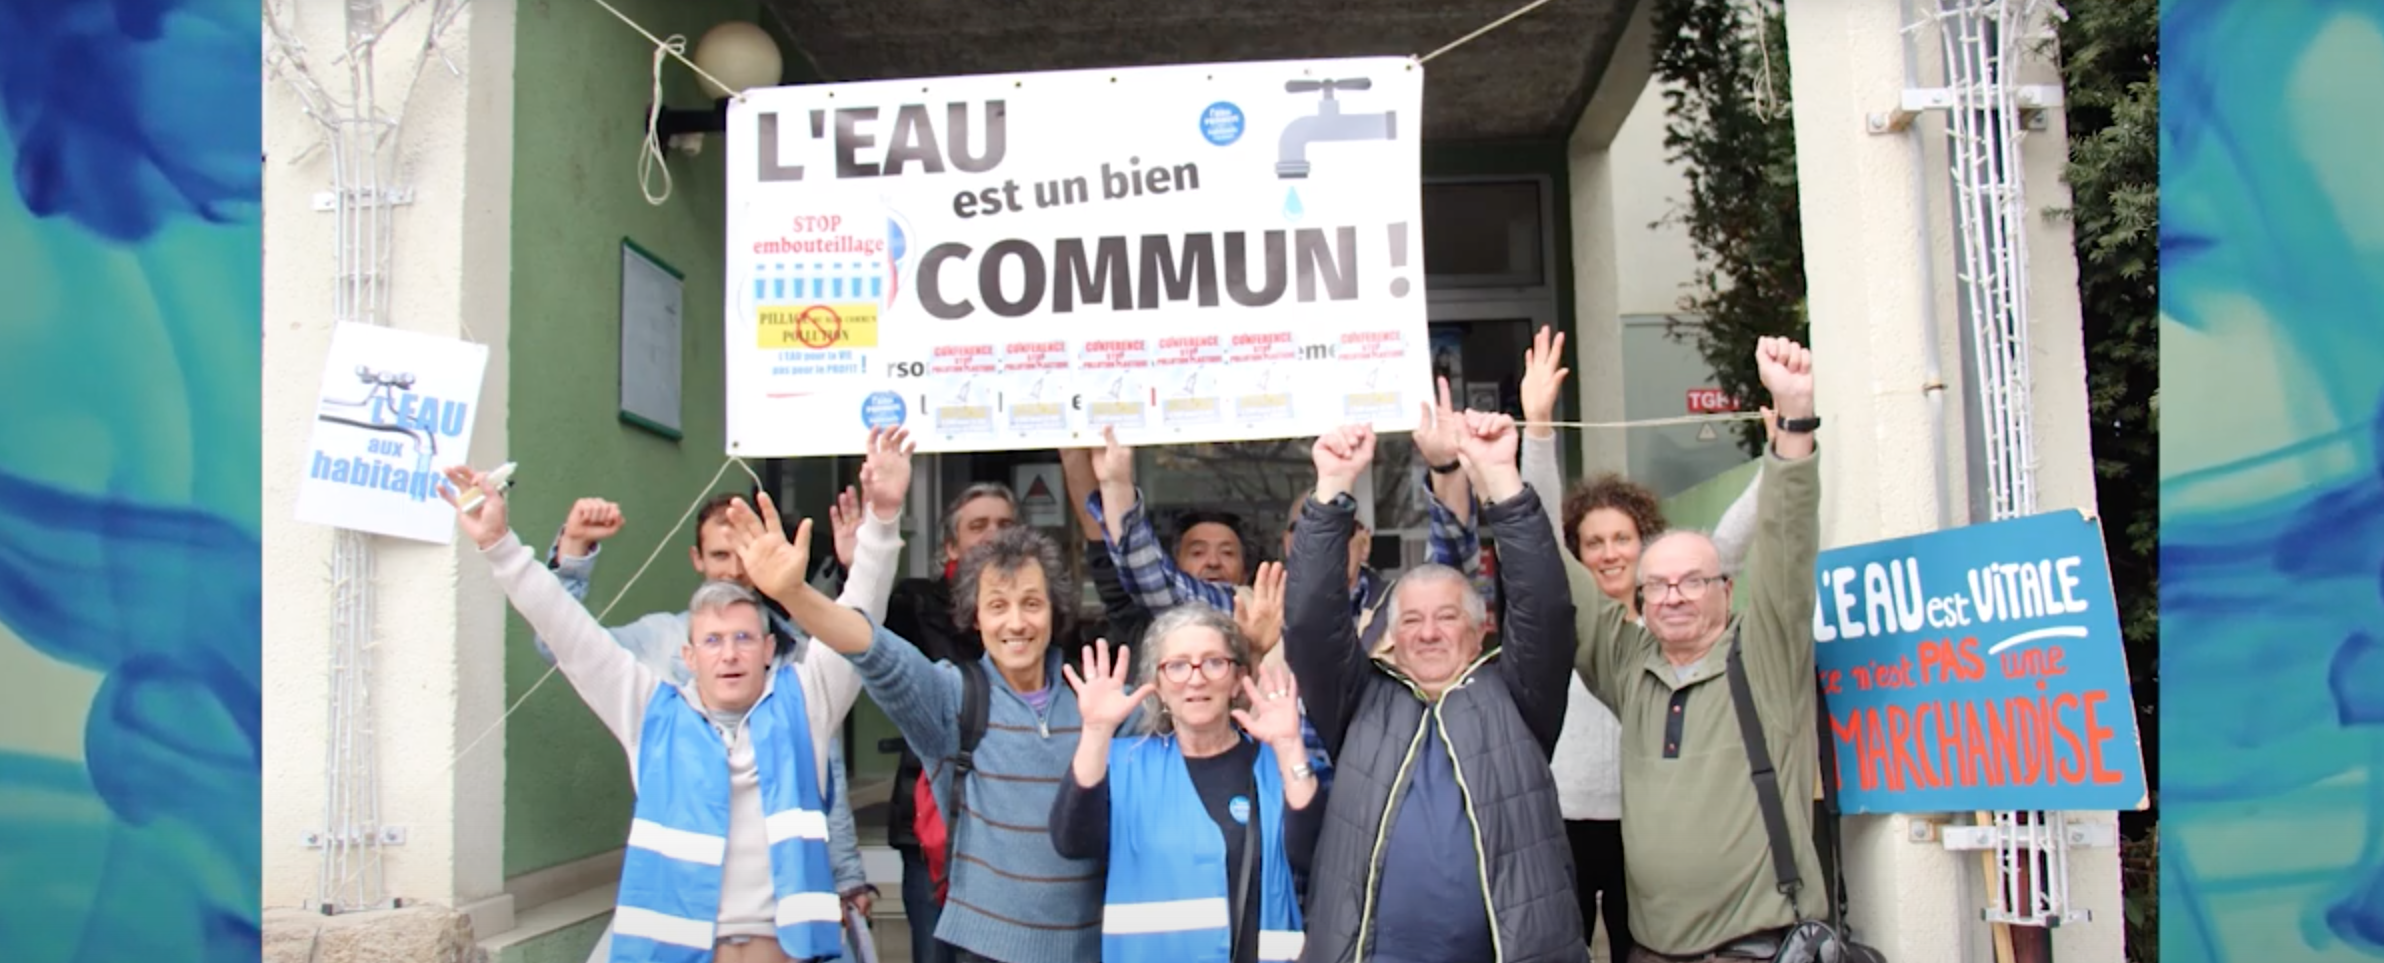 Nestlé vole l'eau des Vosges : enquête à Vittel